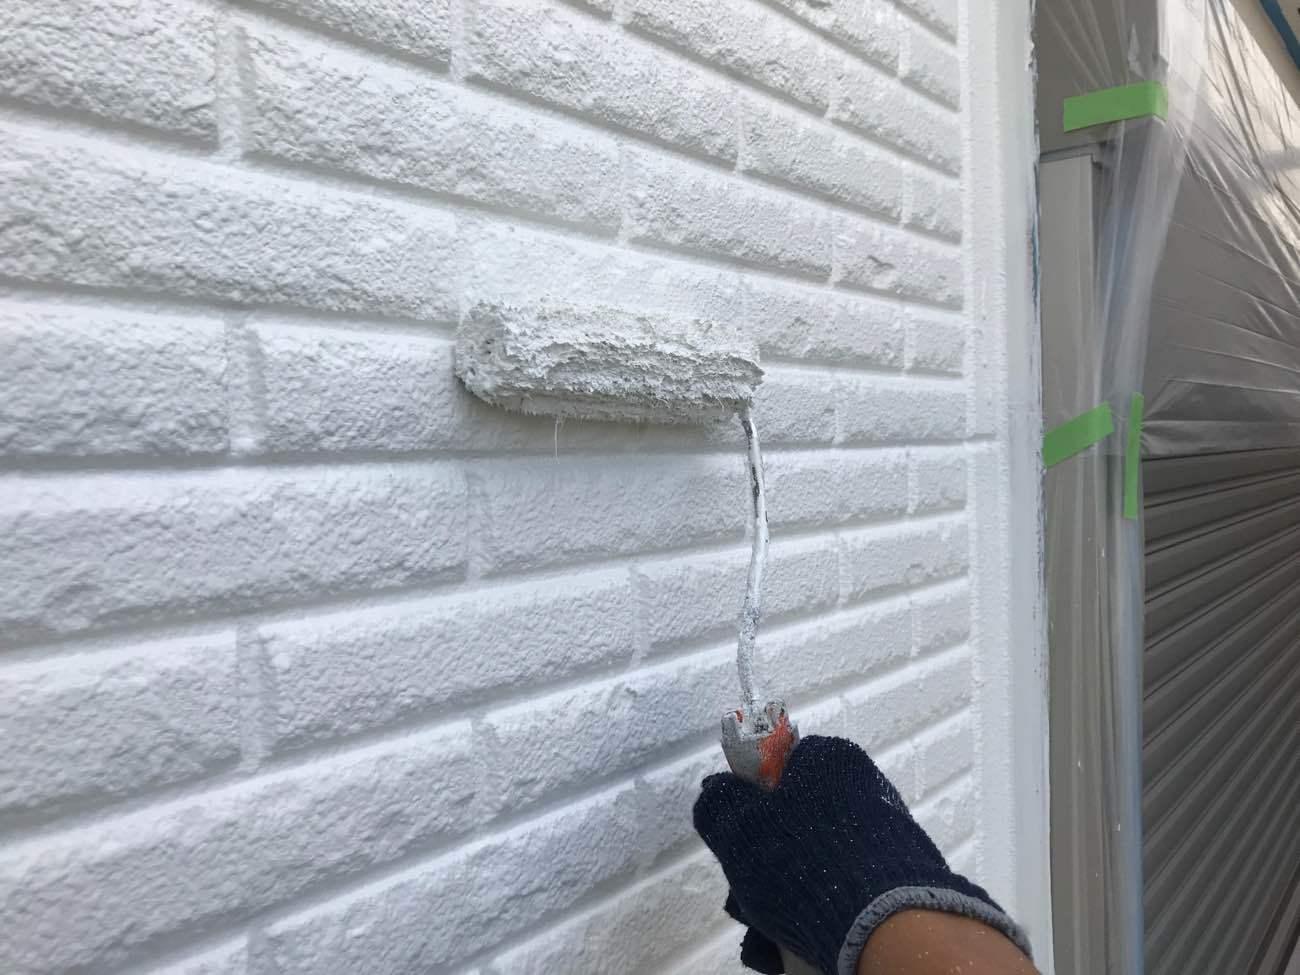 失敗しないALC外壁の塗料選び3つのポイント&プロ厳選おすすめ塗料